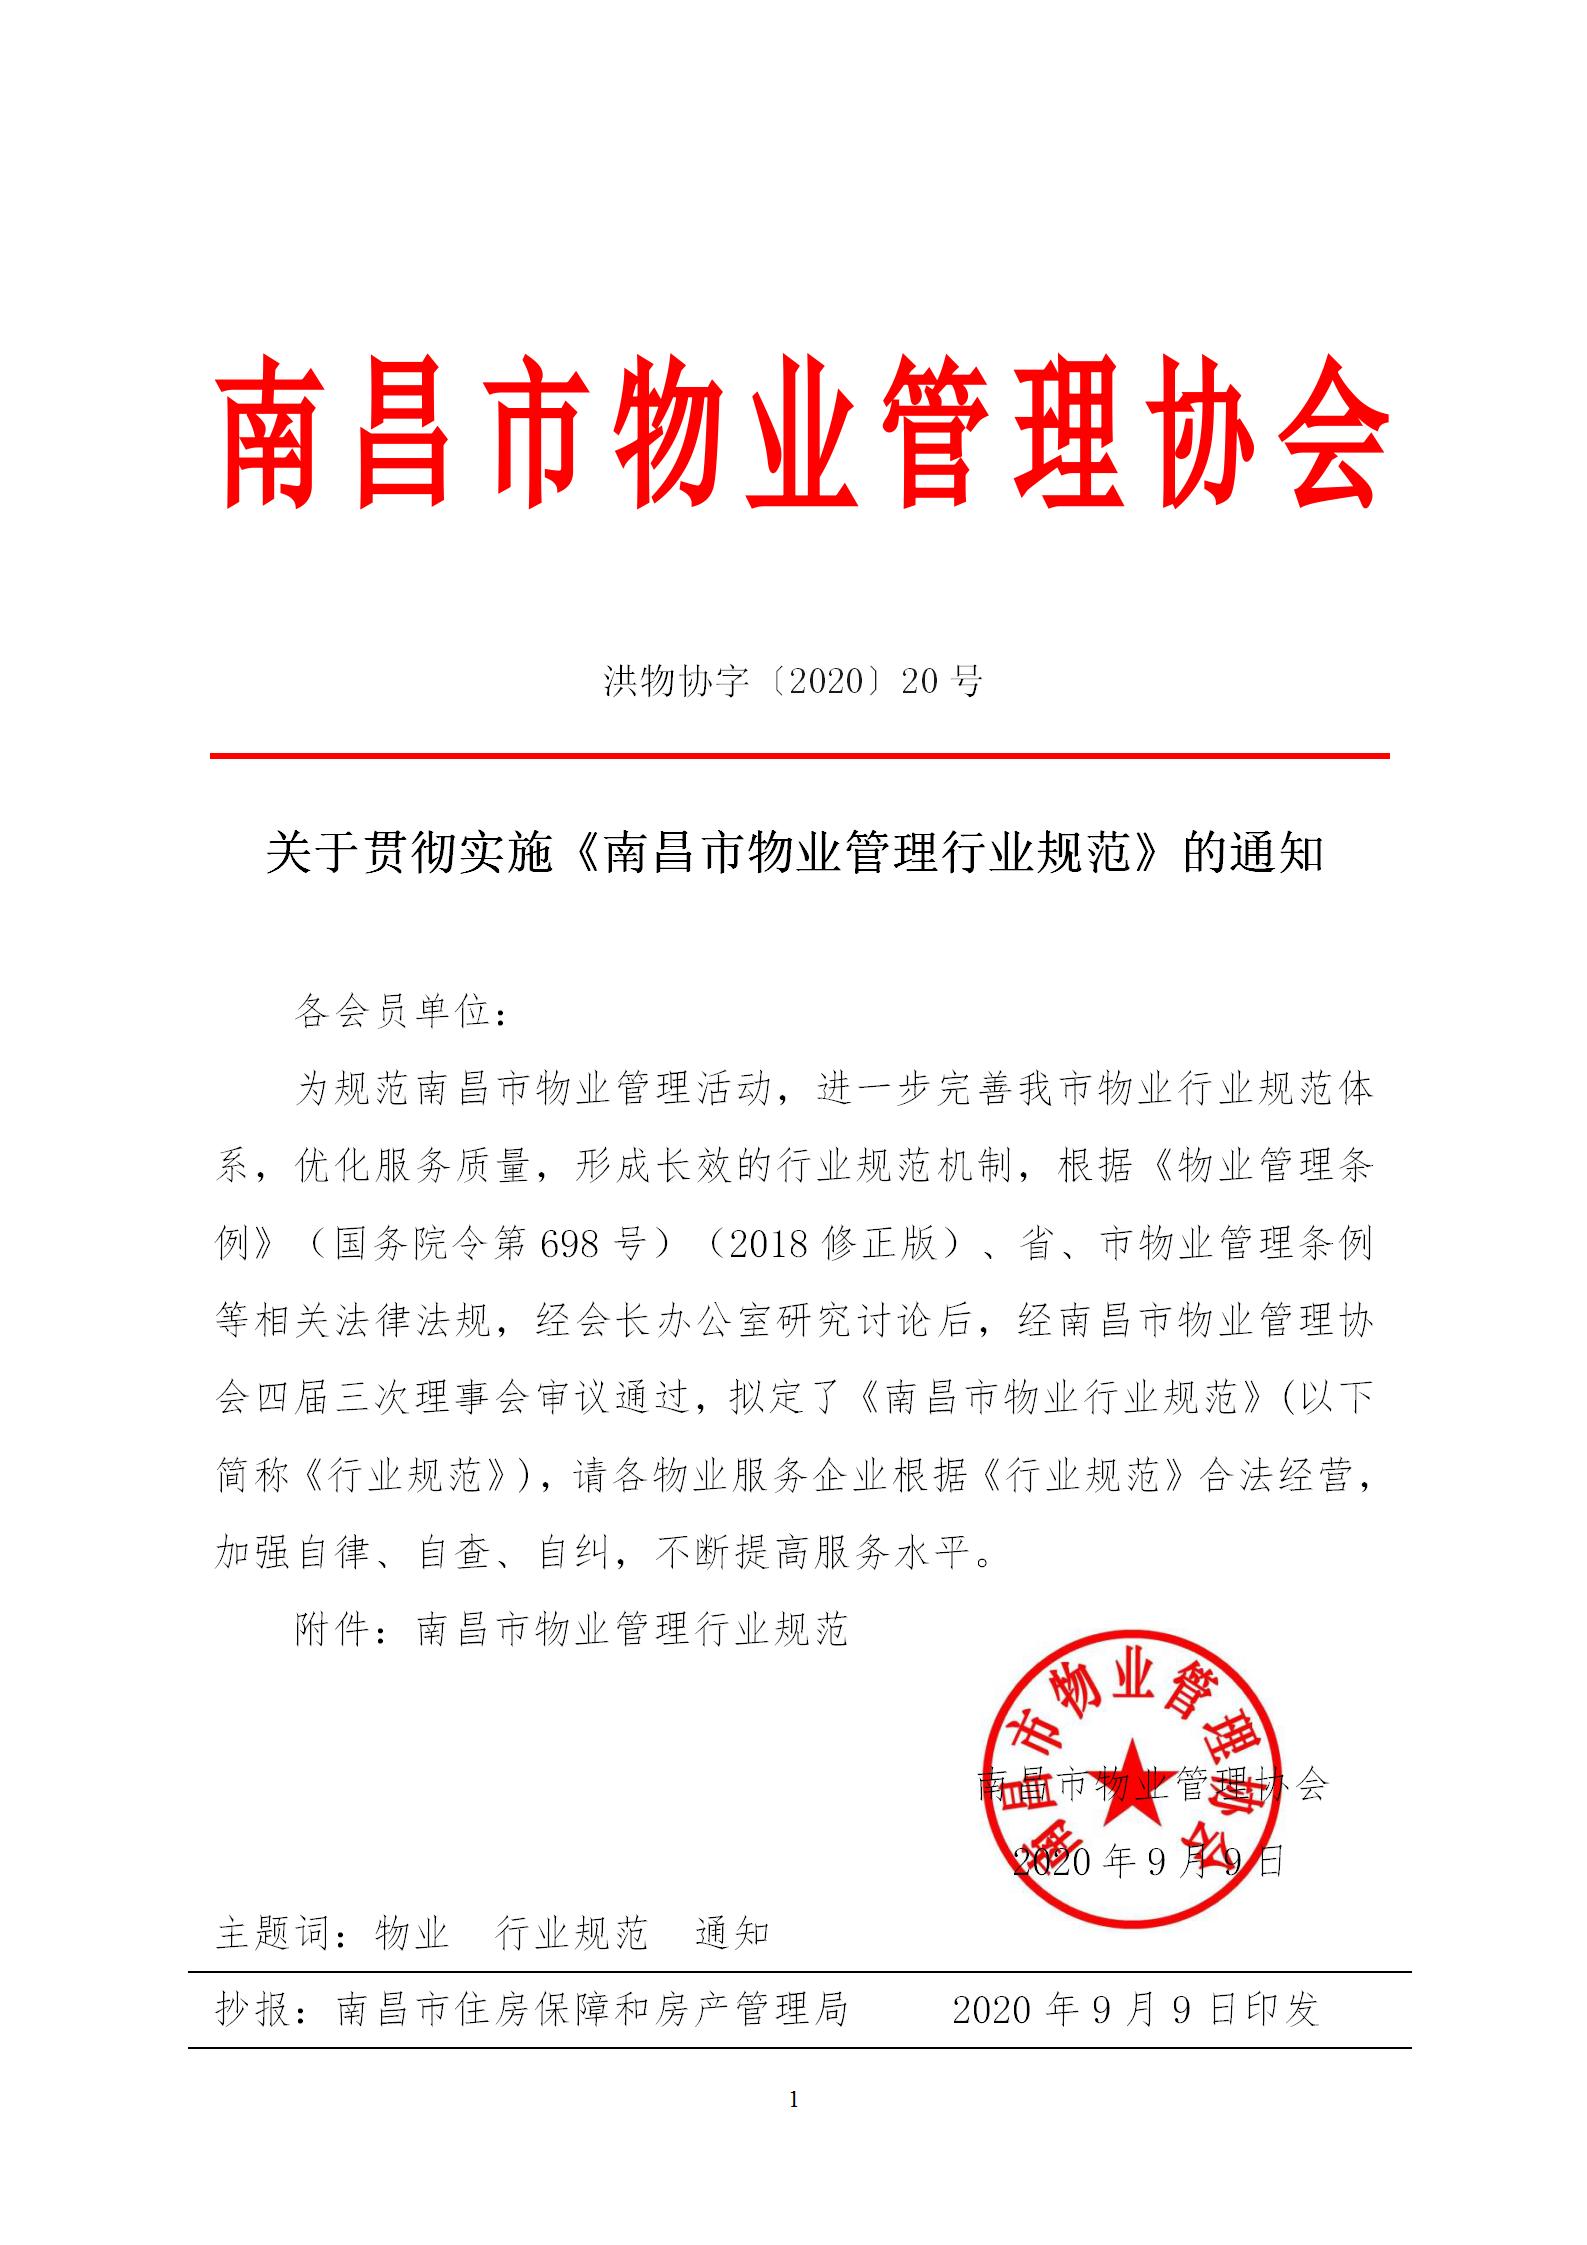 洪物协字[2020]20号关于贯彻落实《南昌市物业管理行业规范》的通知_01.png